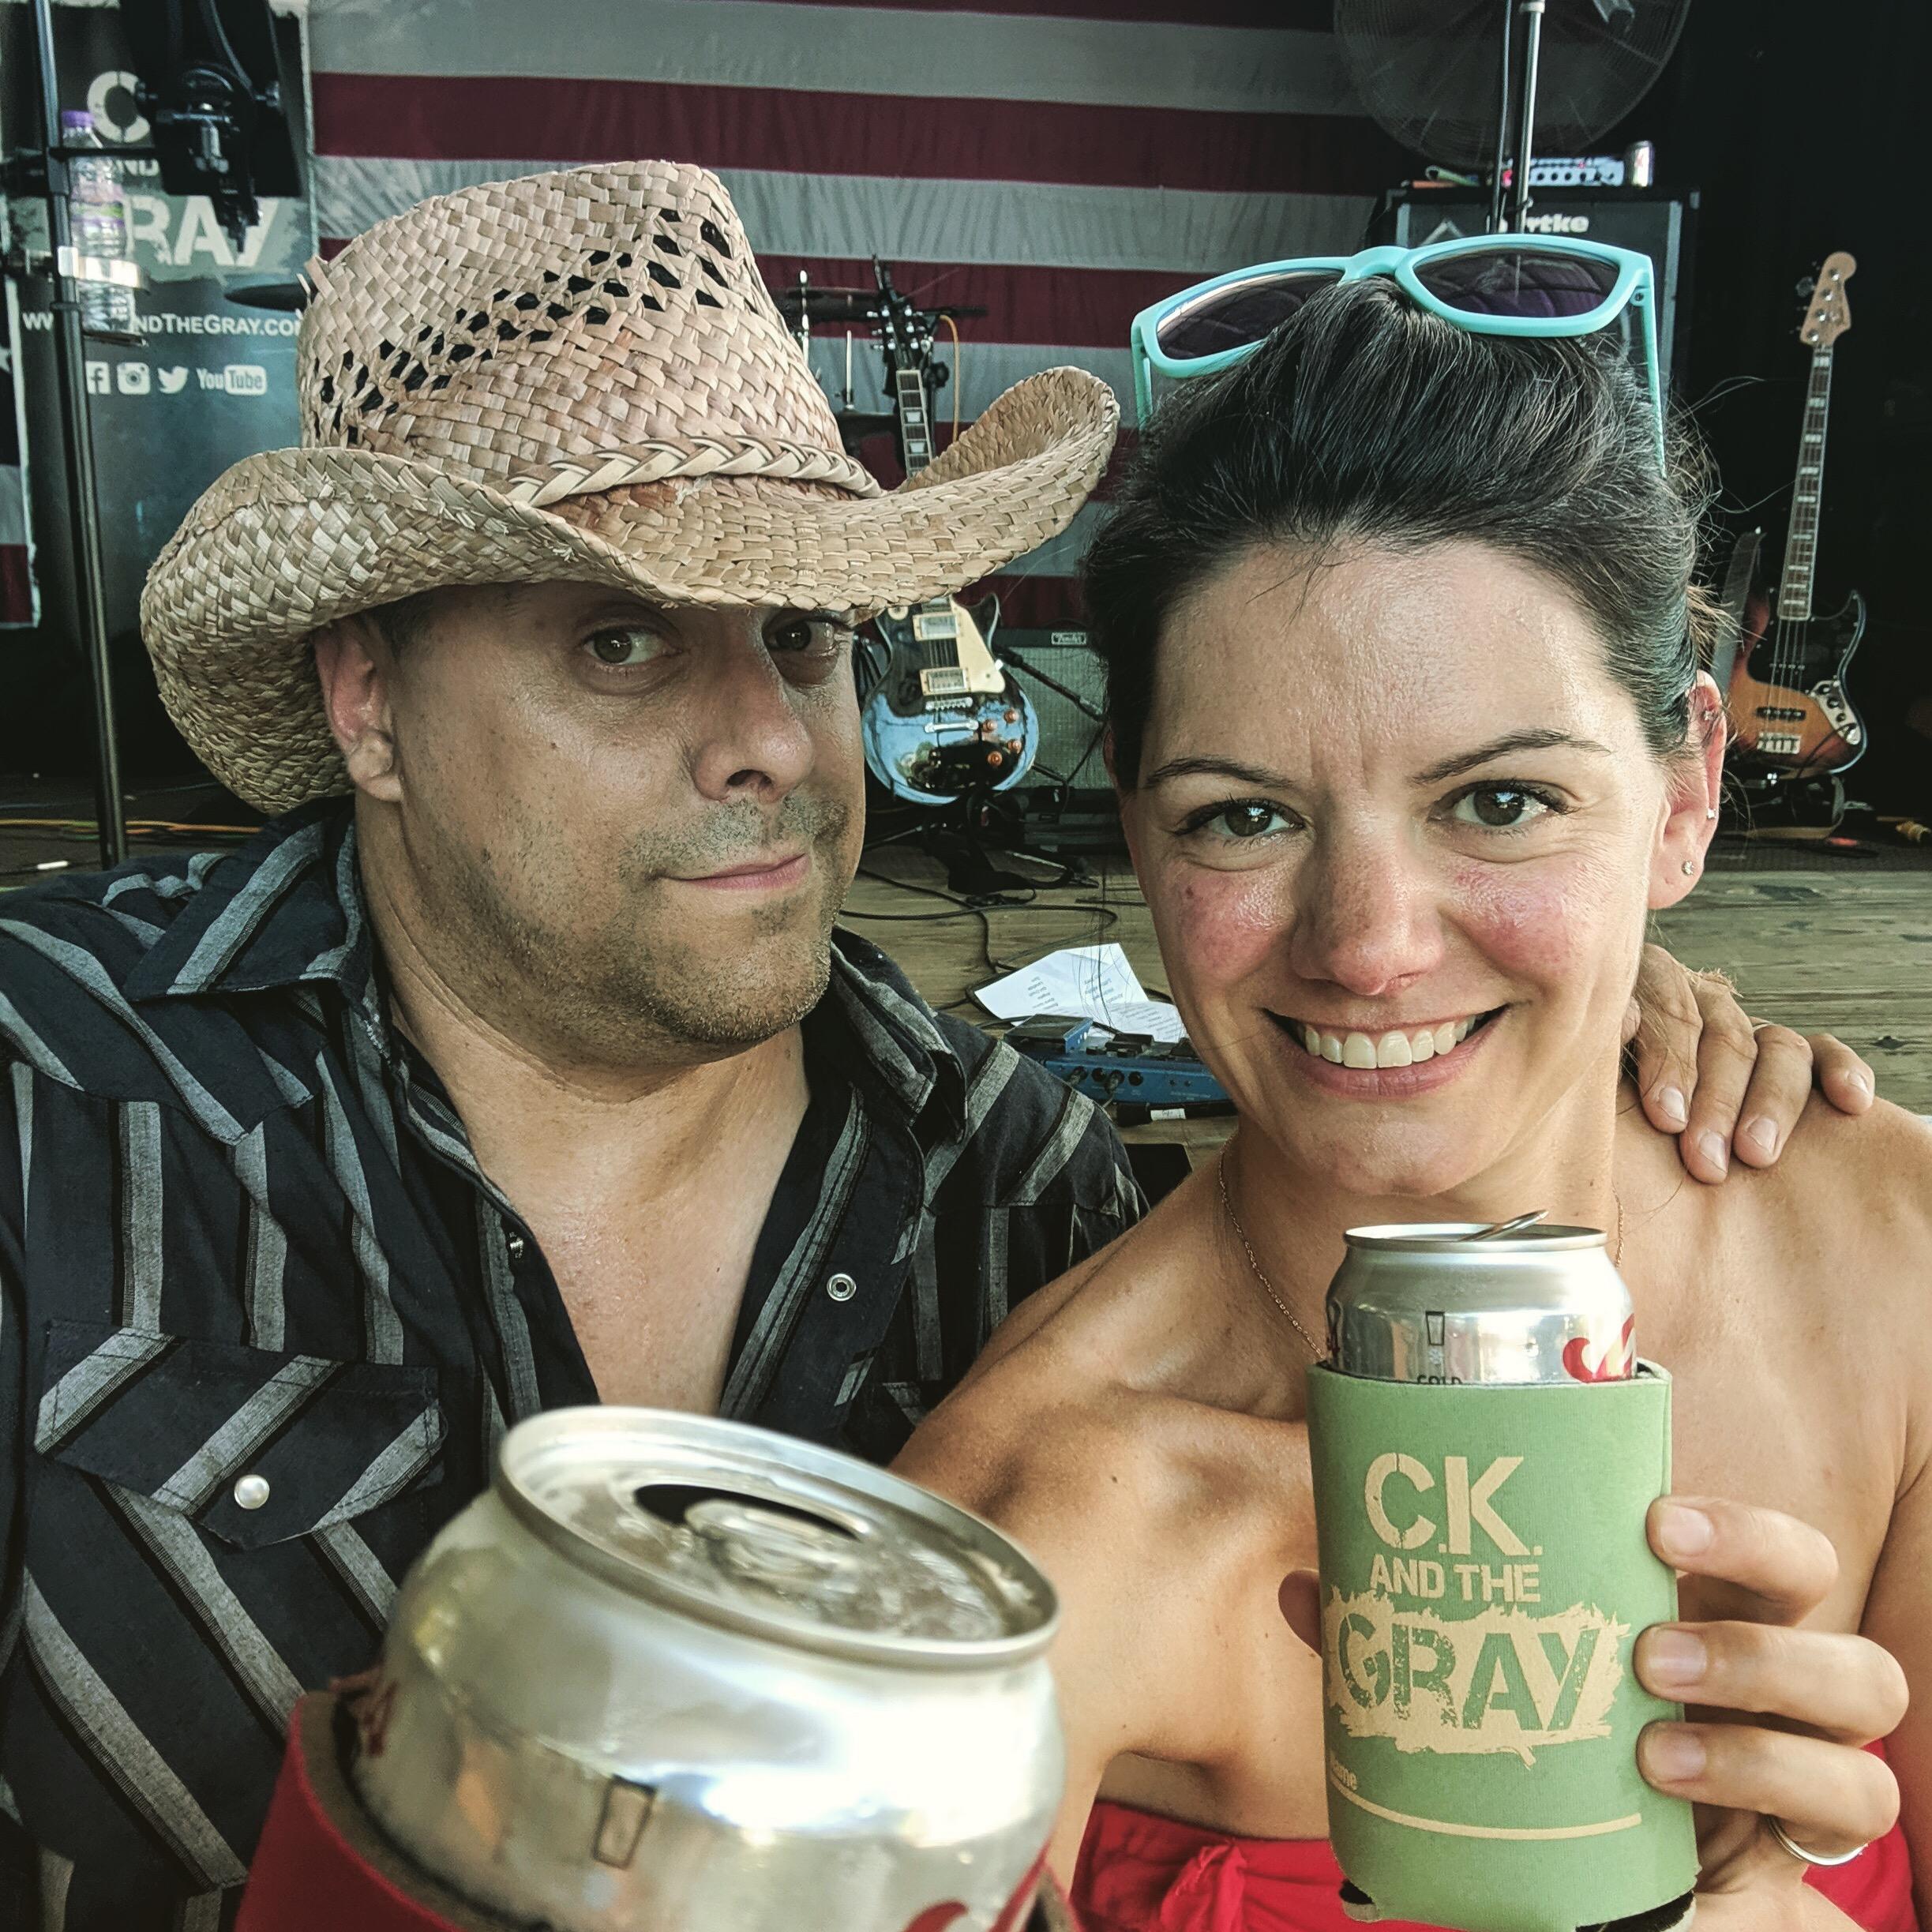 Neal and Sara at the Psycho Silo Saloon #ckcancooler